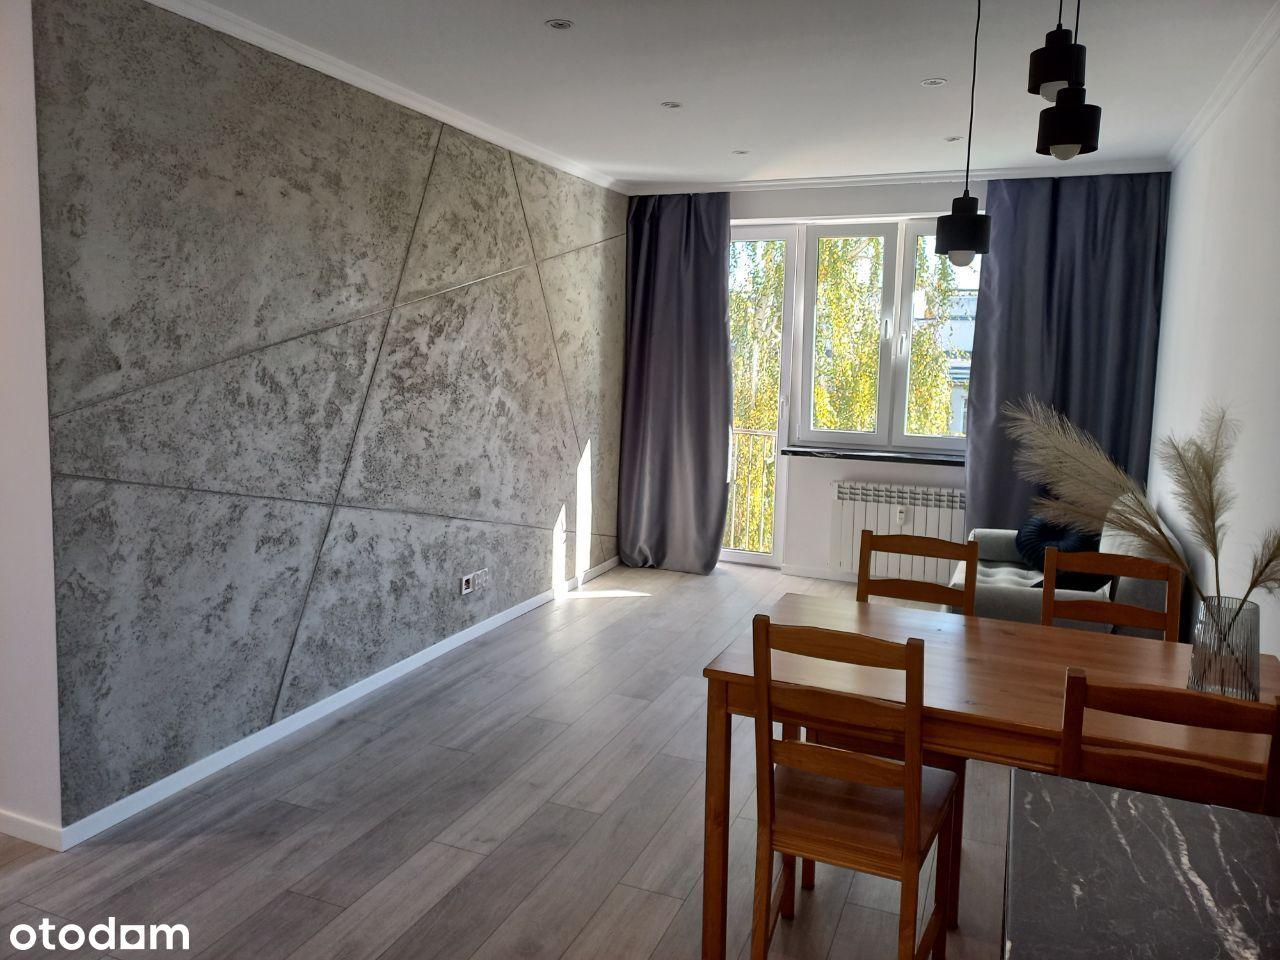 Nowoczesne mieszkanie 2 pokoje 37,4 m2 po remoncie